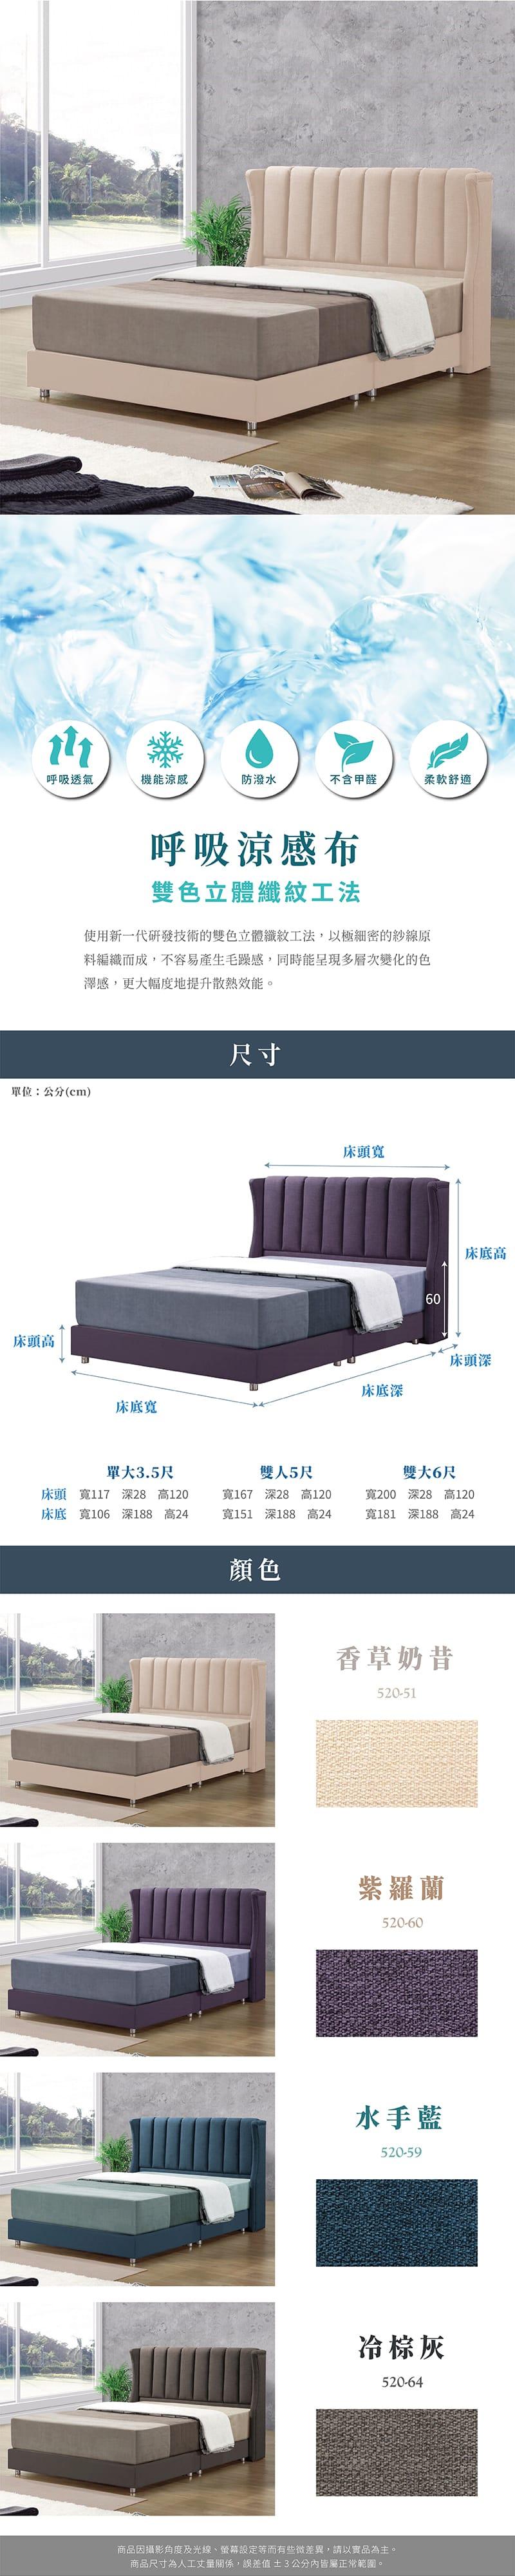 羅賓 涼感布床組兩件 雙人加大6尺(床頭片+床底)